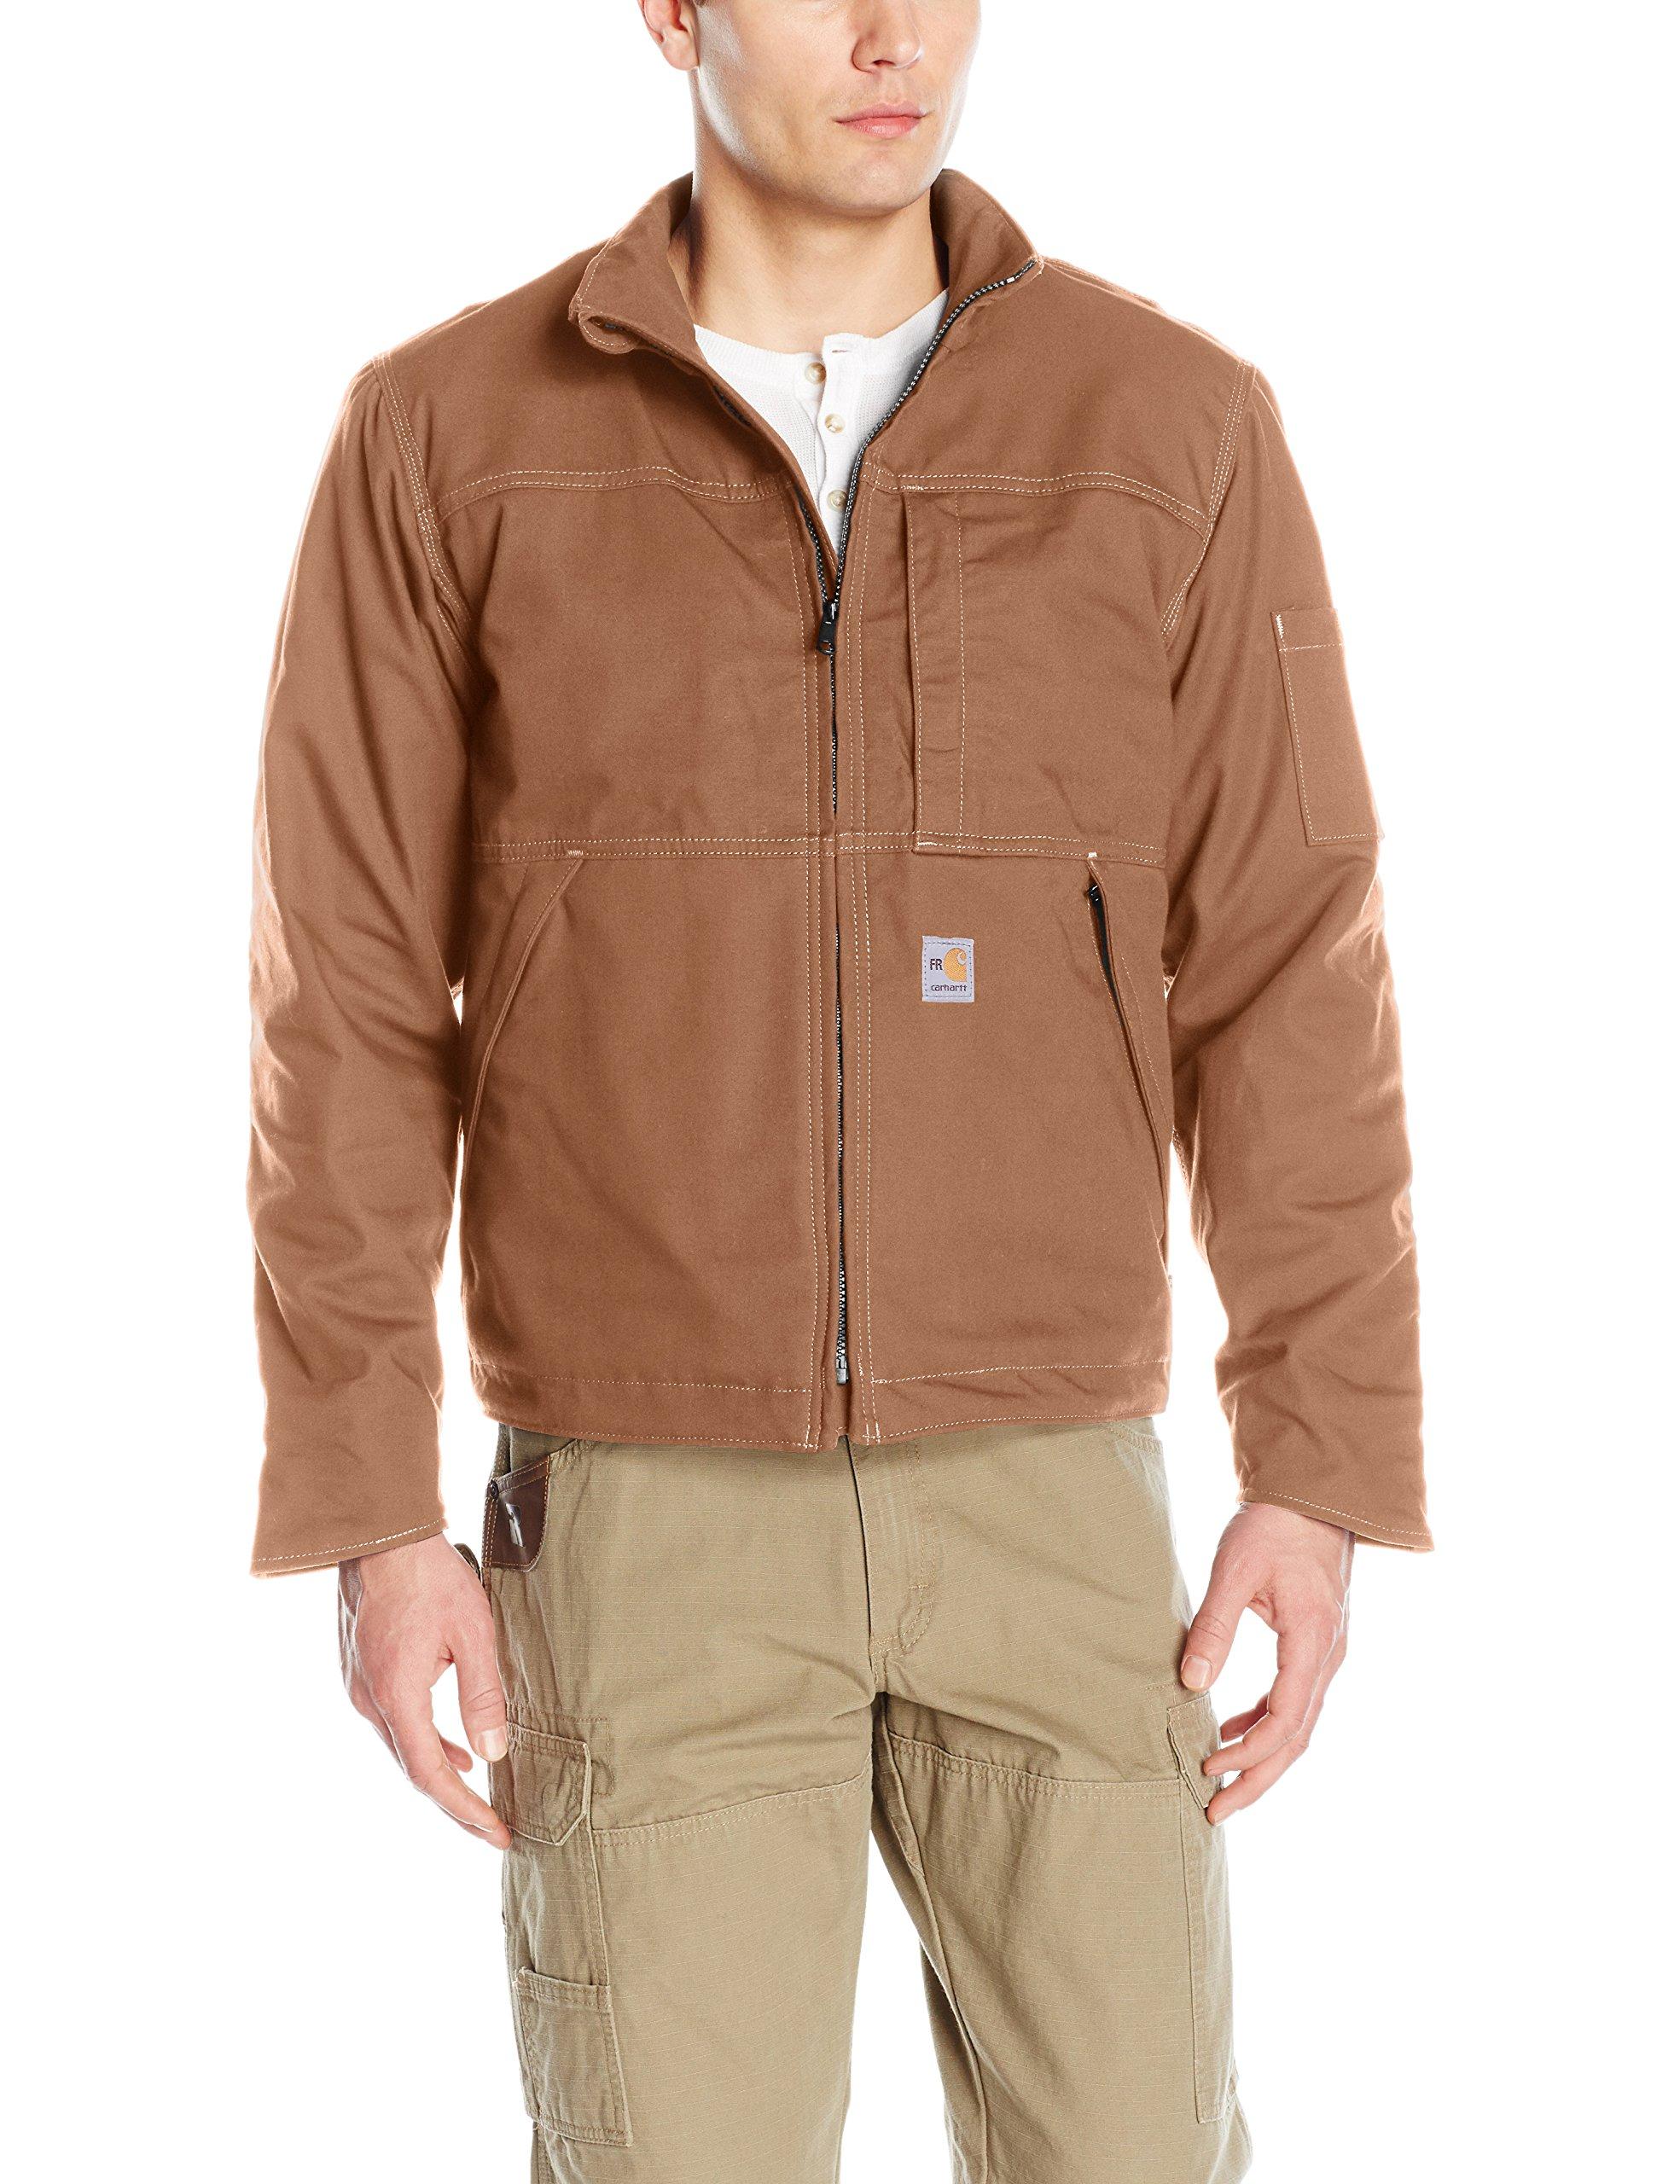 Carhartt Men's Flame Resistant Full Swing Quick Duck Jacket, Brown, Medium